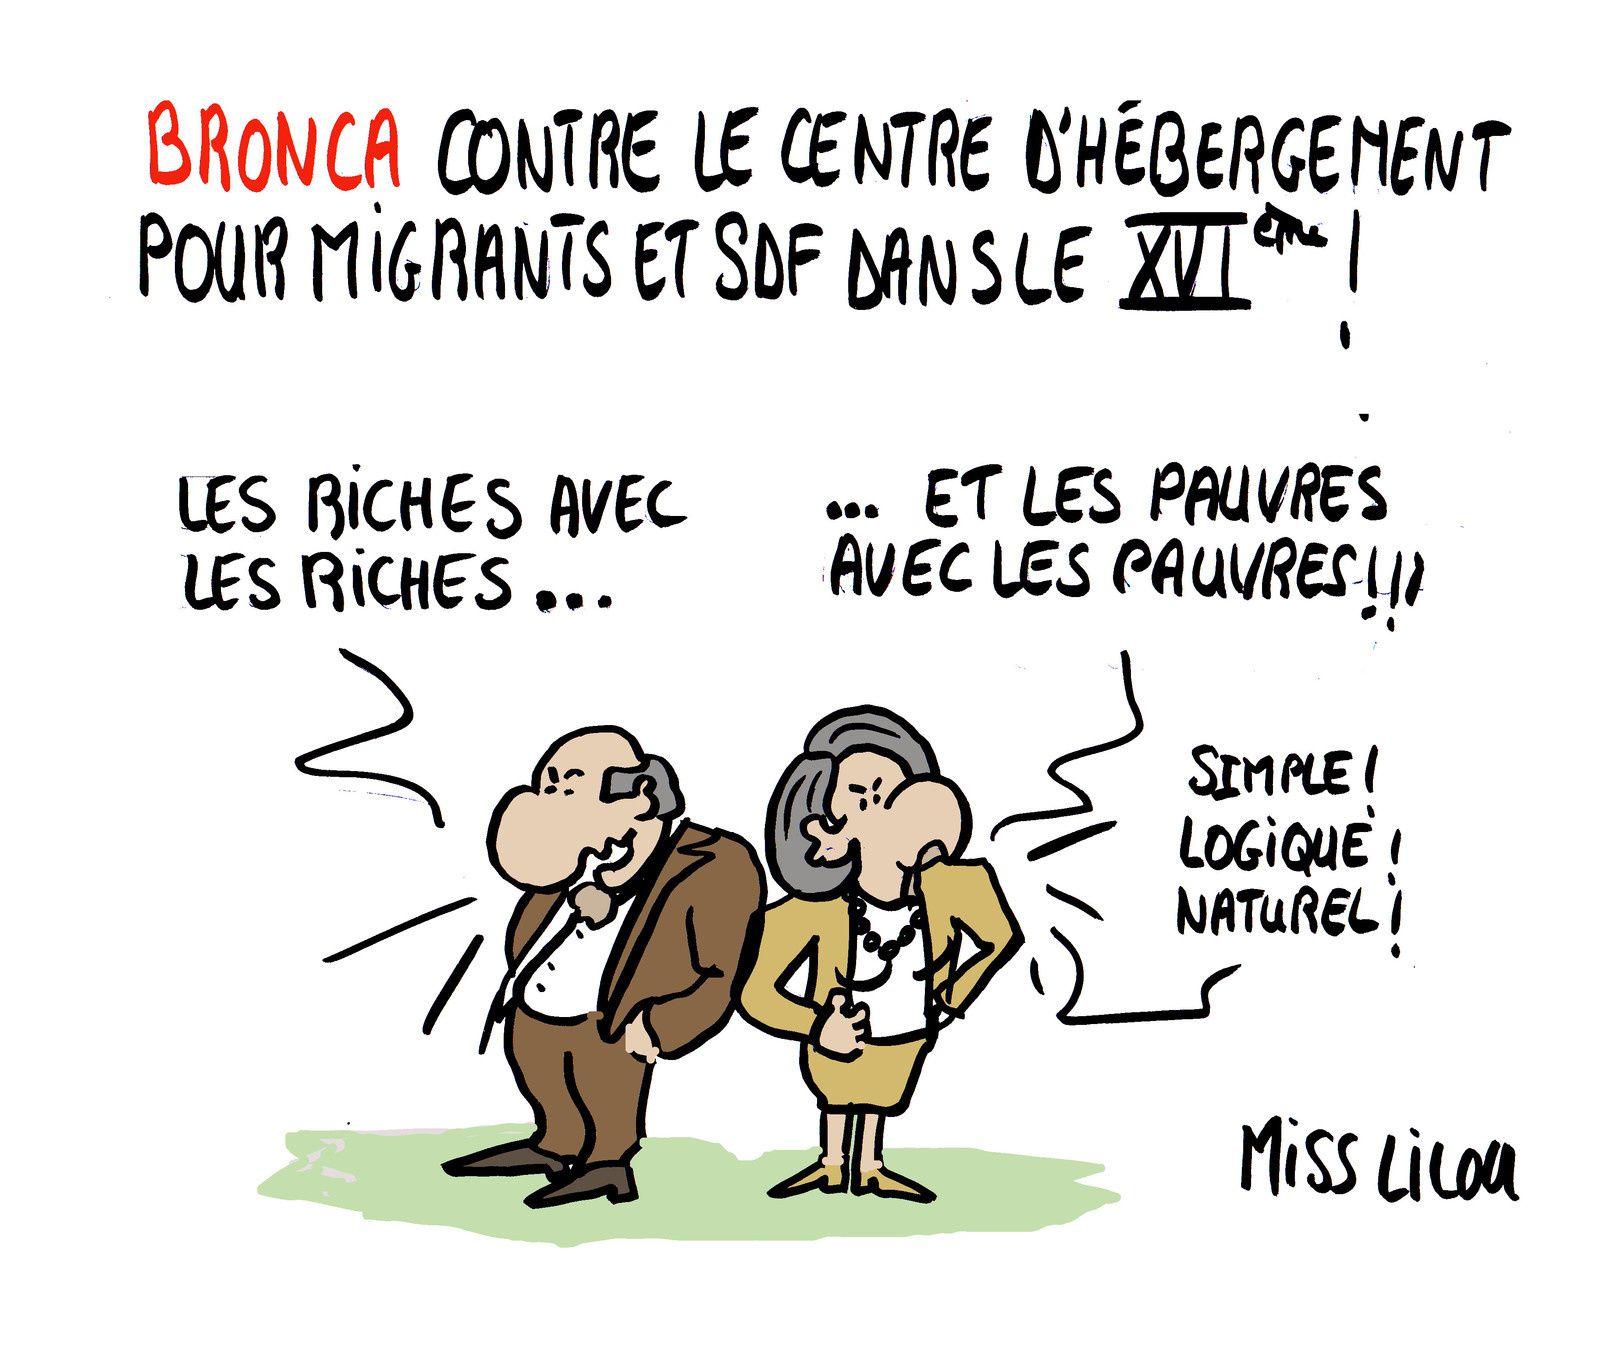 Bronca contre le centre d'hébergement pour migrants et SDF dans le 16ème !